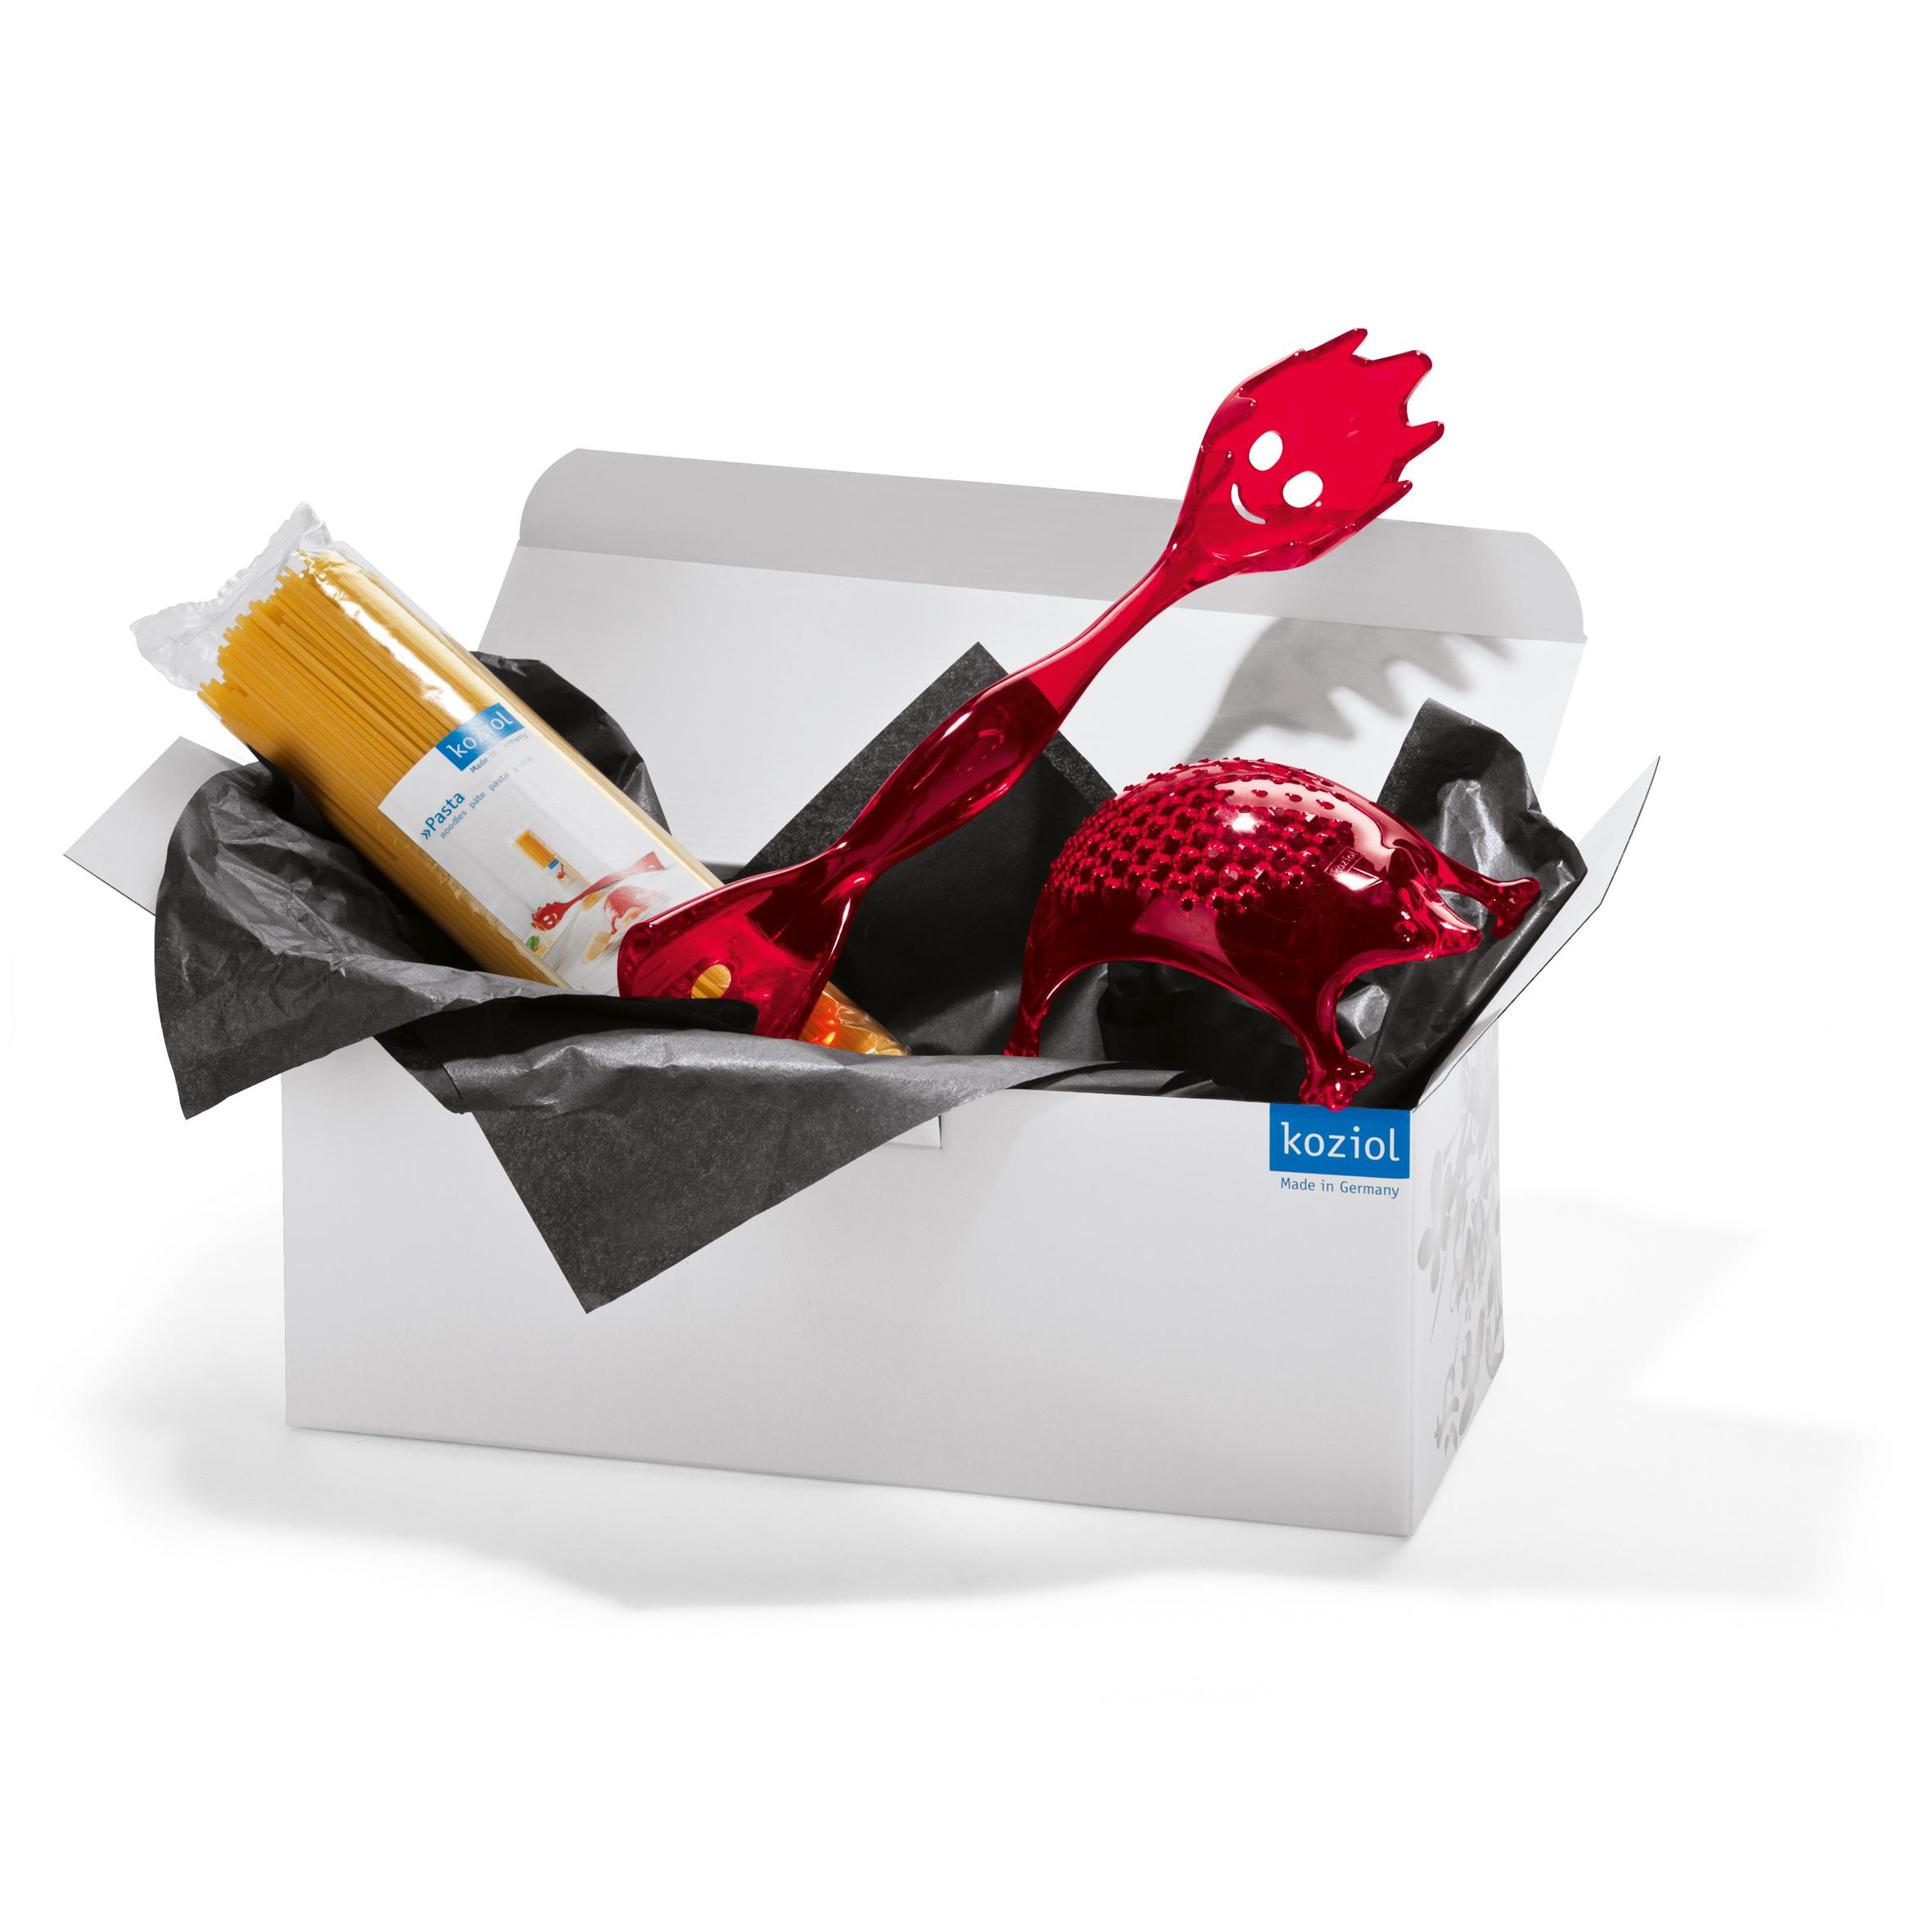 Küche, Koziol, Geschenkidee, Geschenk, Pasta, Käse, Küchenzubehör, Parmesan